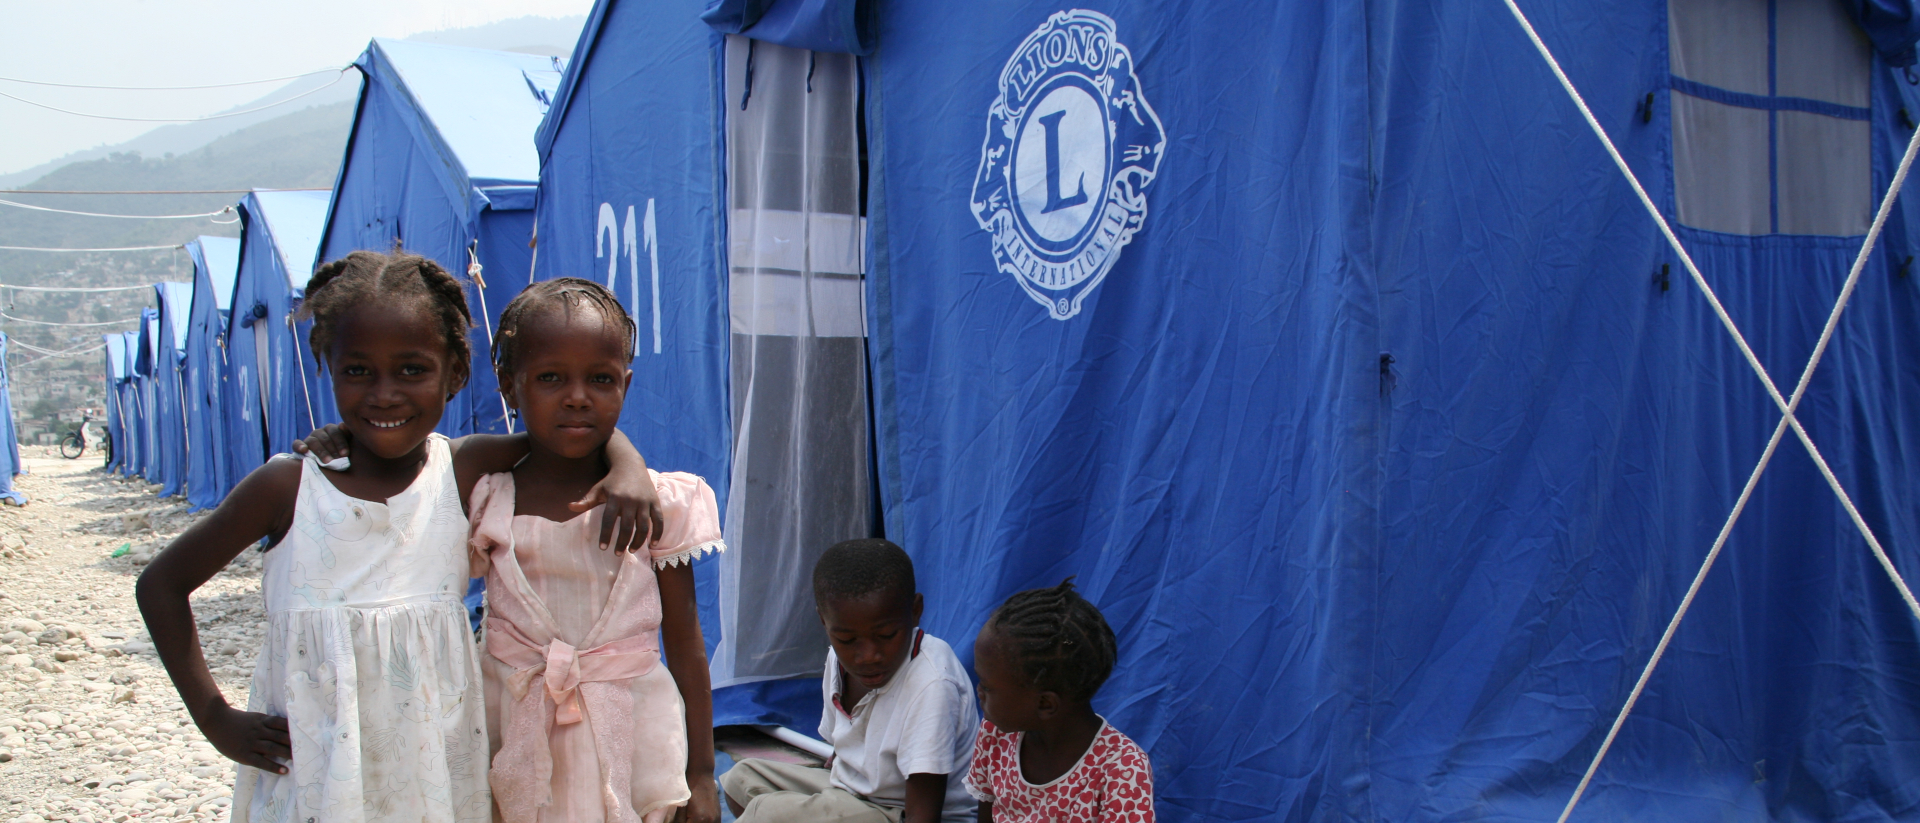 Mädchen stehen vor einer provisorischen Zeltlandschaft